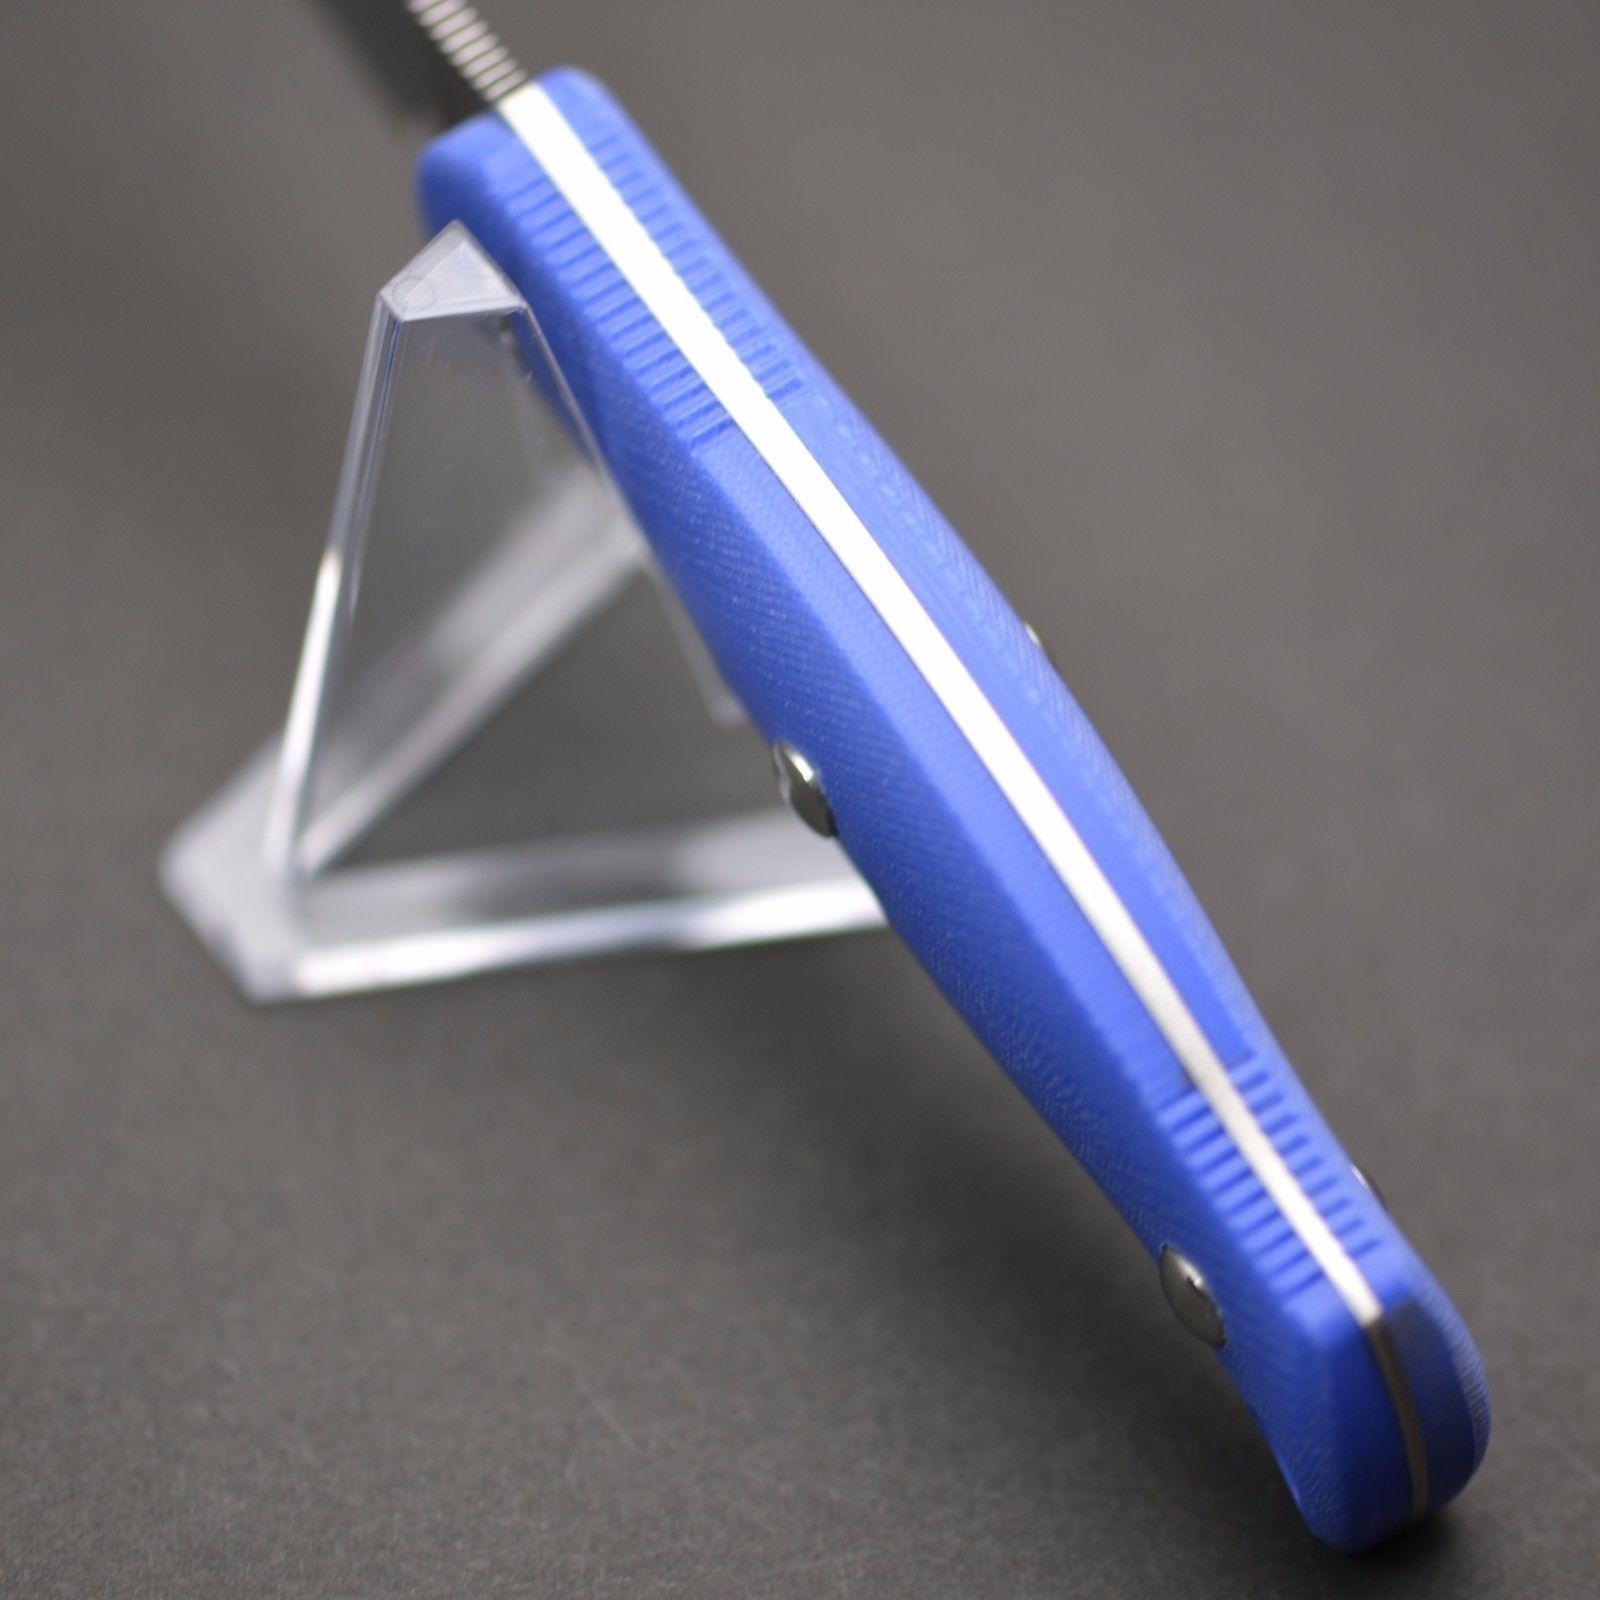 Фото 4 - Туристический нож G.Sakai, Camper En Fixed, ZDP-189, Blue G-10